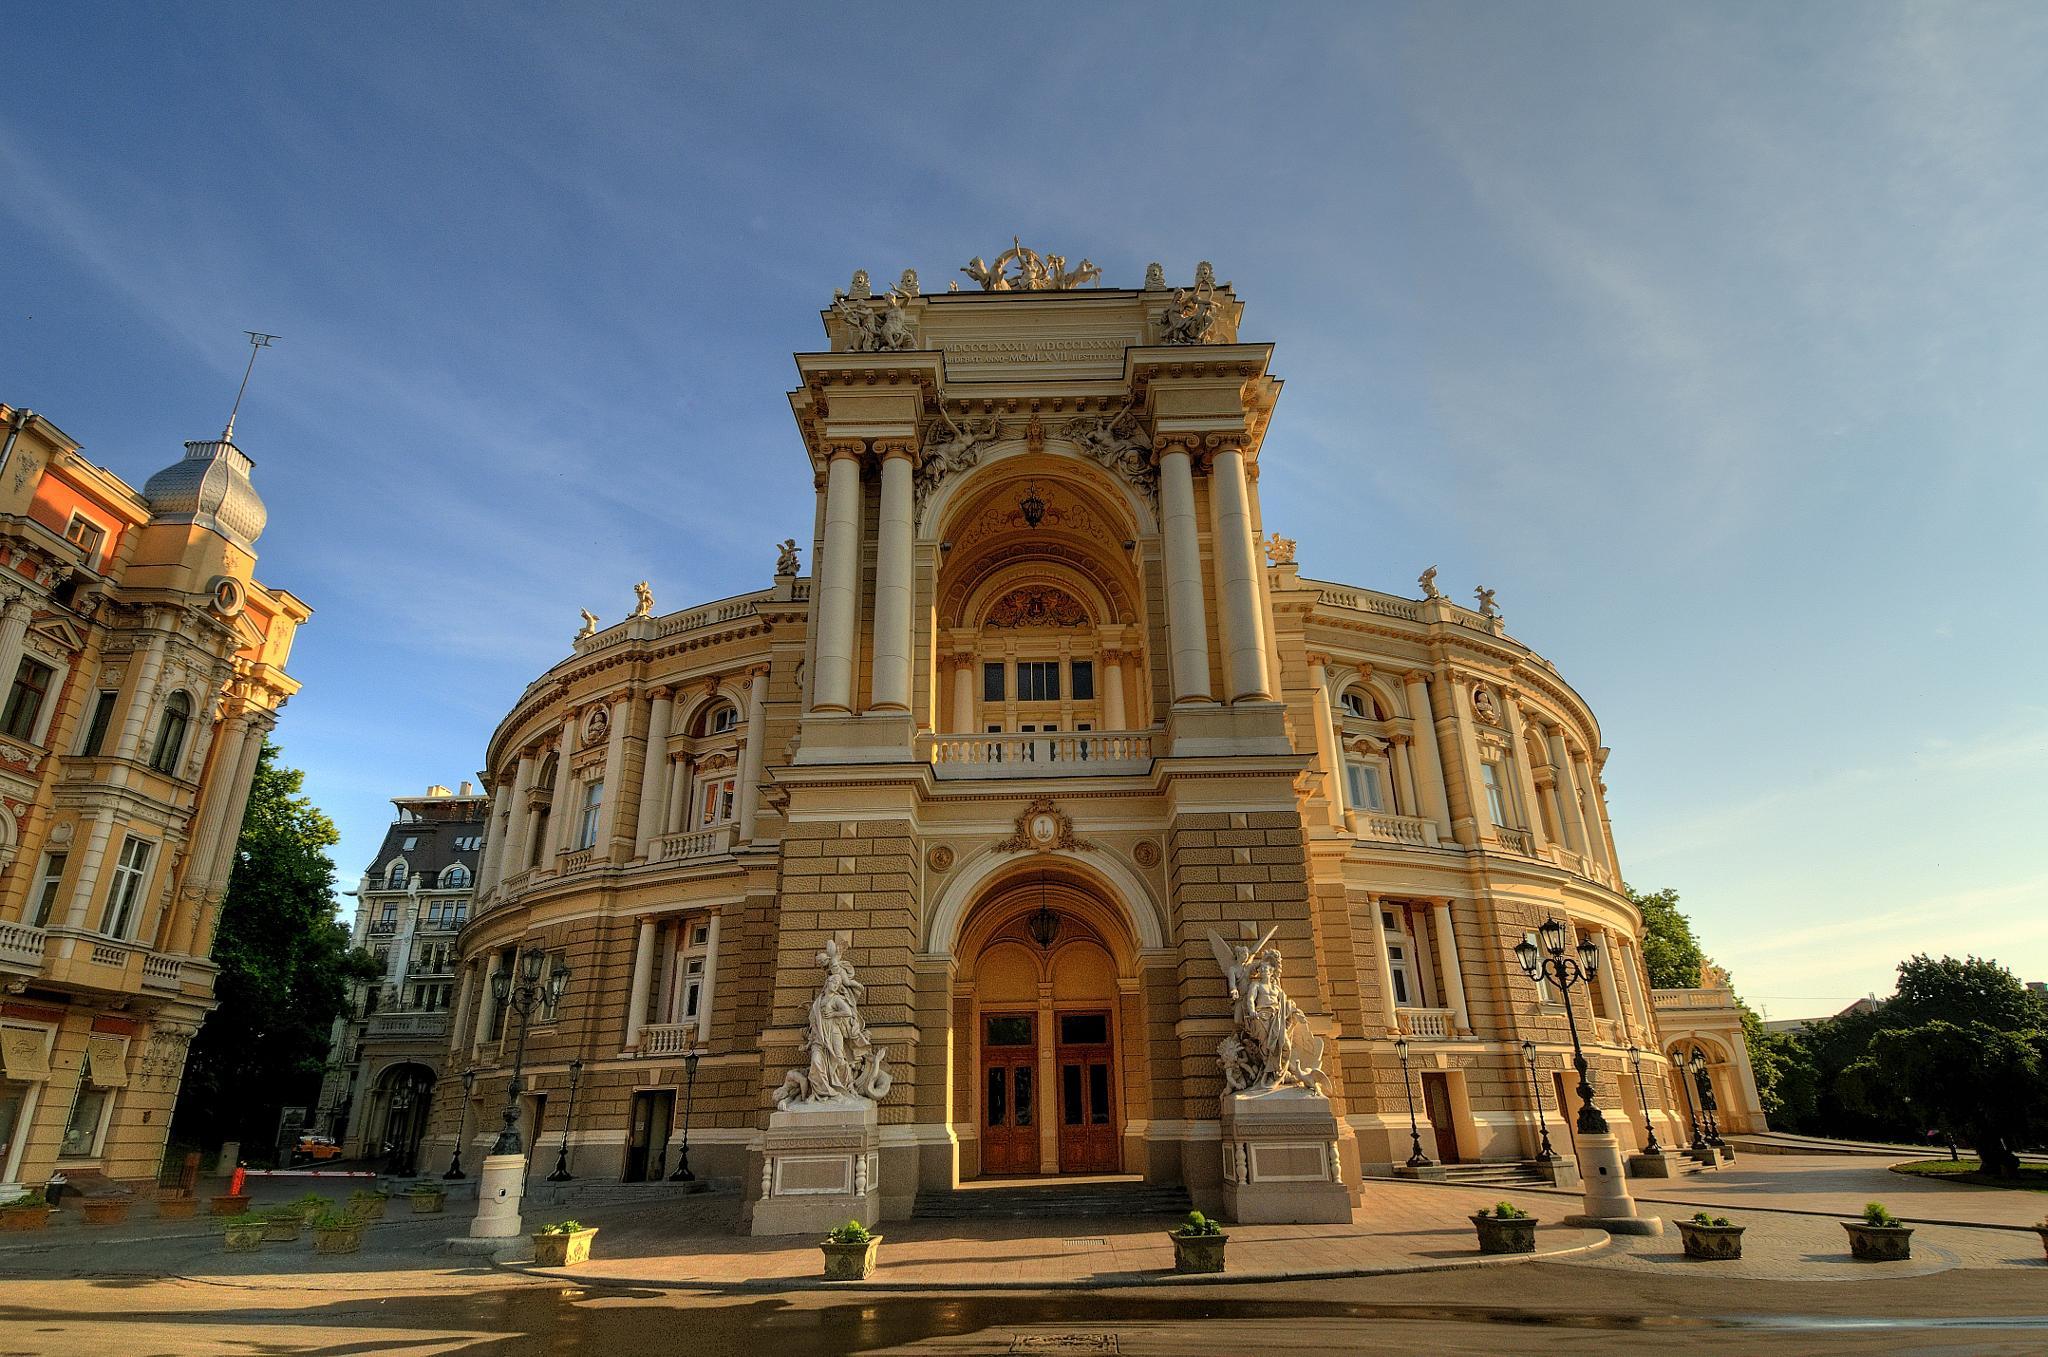 Odessa Opera House by Zhenya Rozinskiy